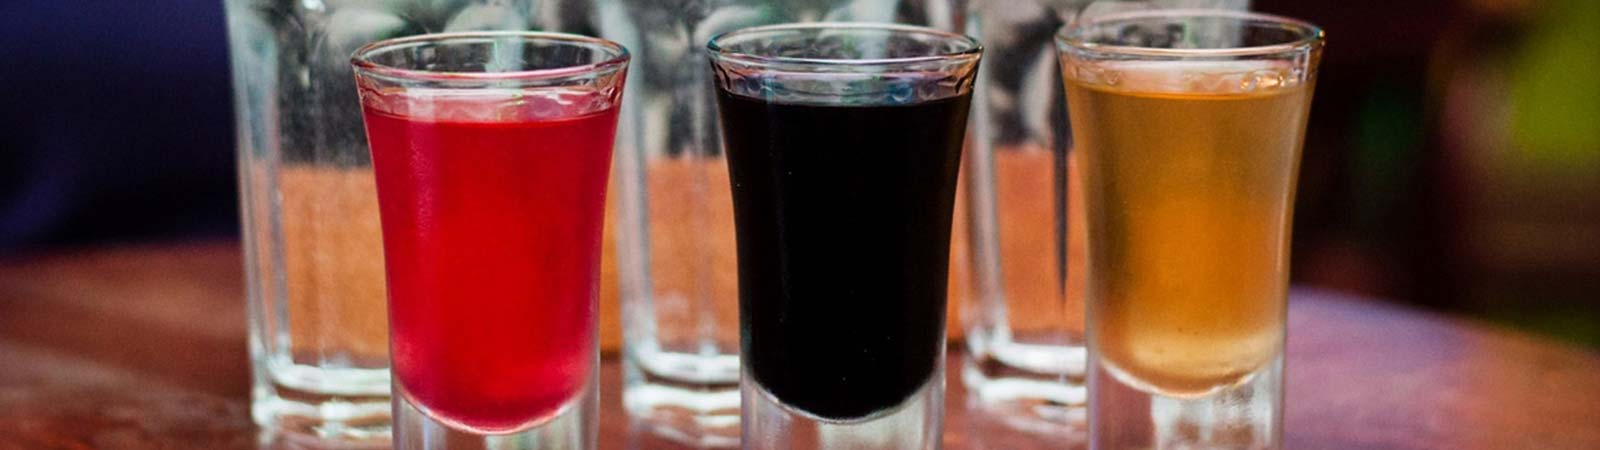 Rakija – Traditioneel Servisch drankje gemaakt van fruit